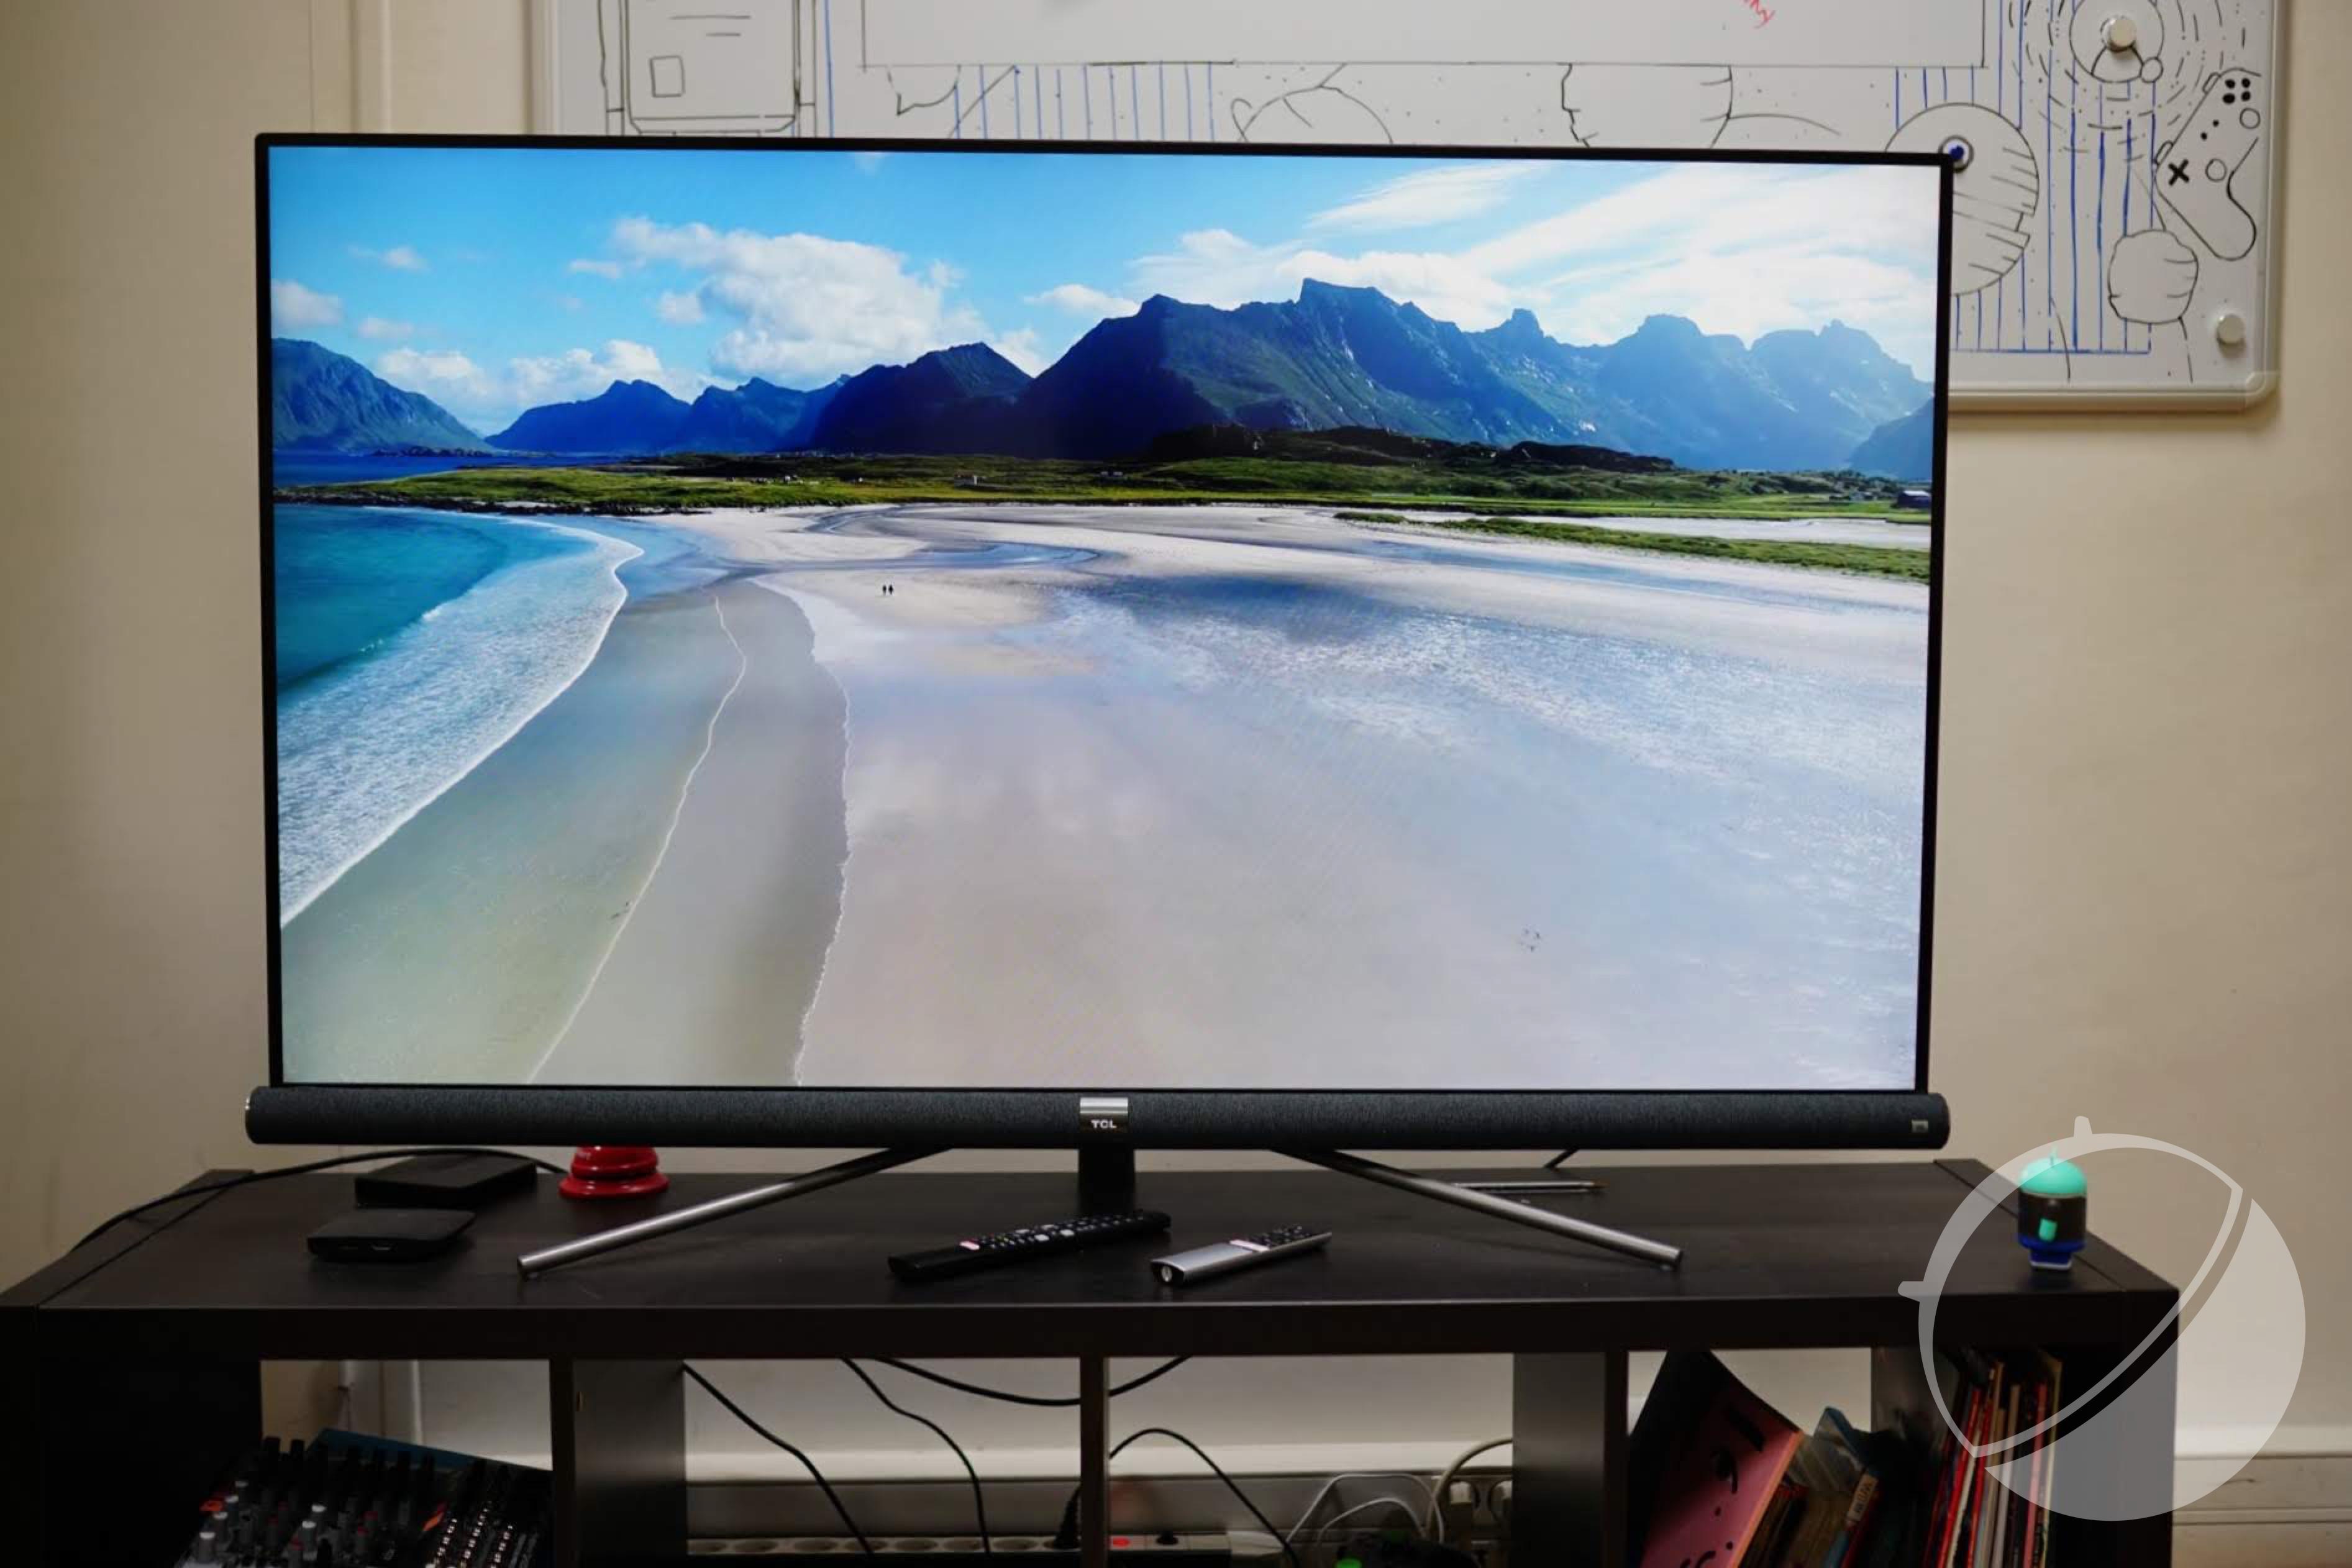 Test De La Tcl 55dc760 Serie C76 Le Televiseur 4k Hdr